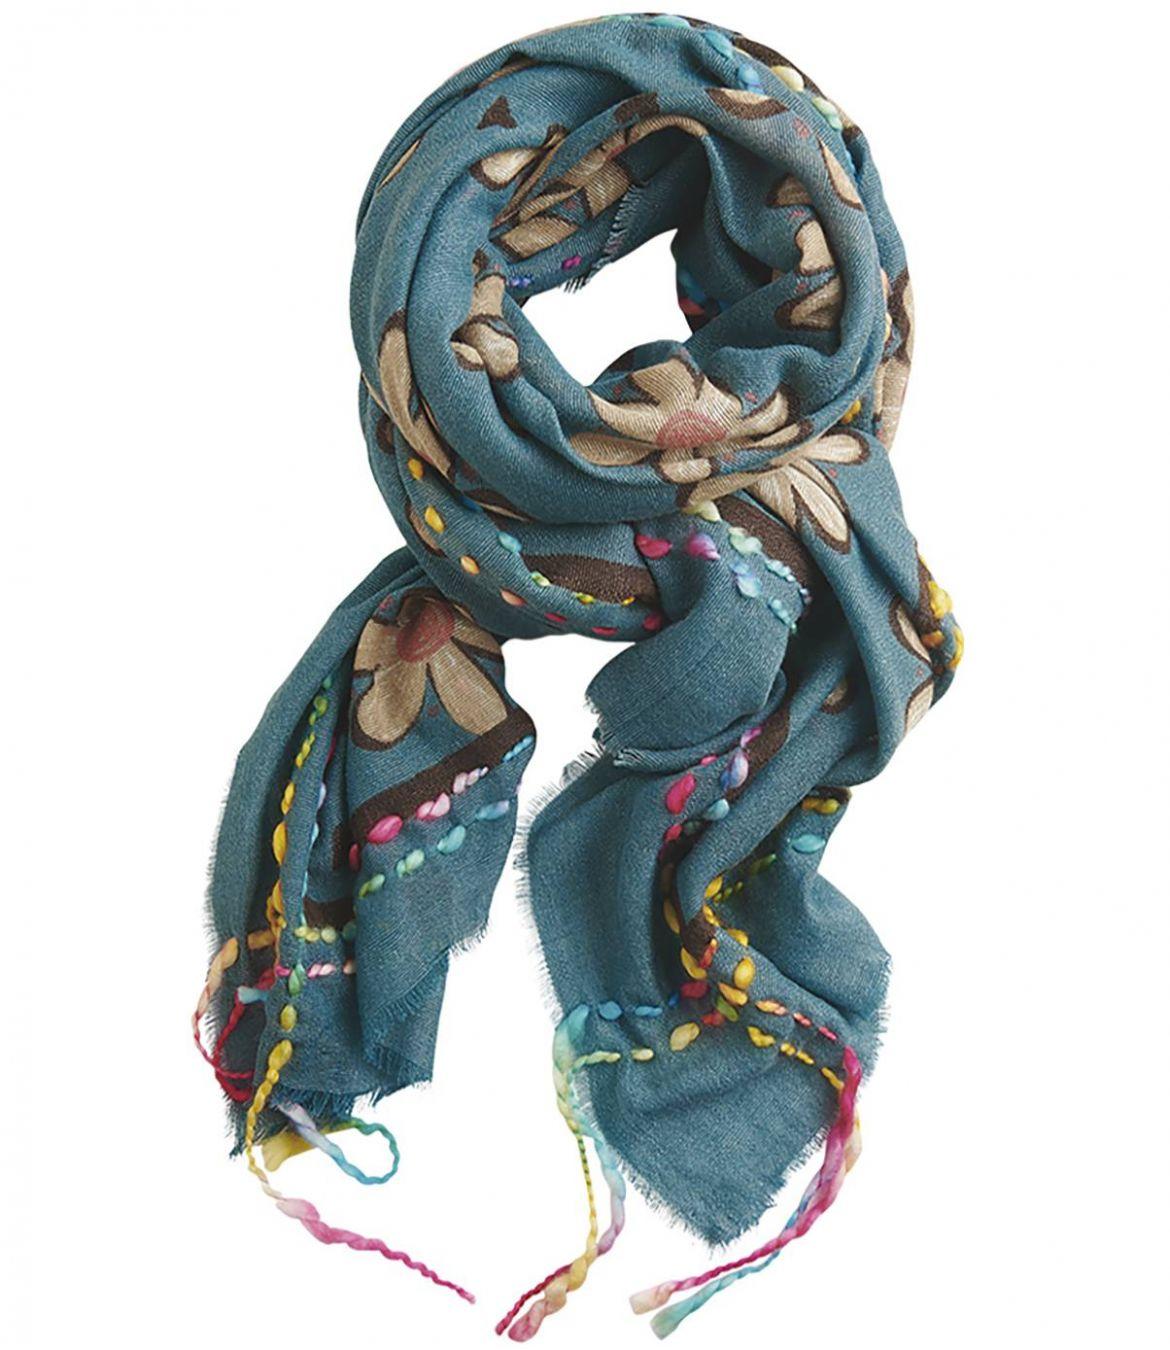 FRAICHE Wool scarf, Acrylic for Women 90 x 200 CM Storiatipic - 1